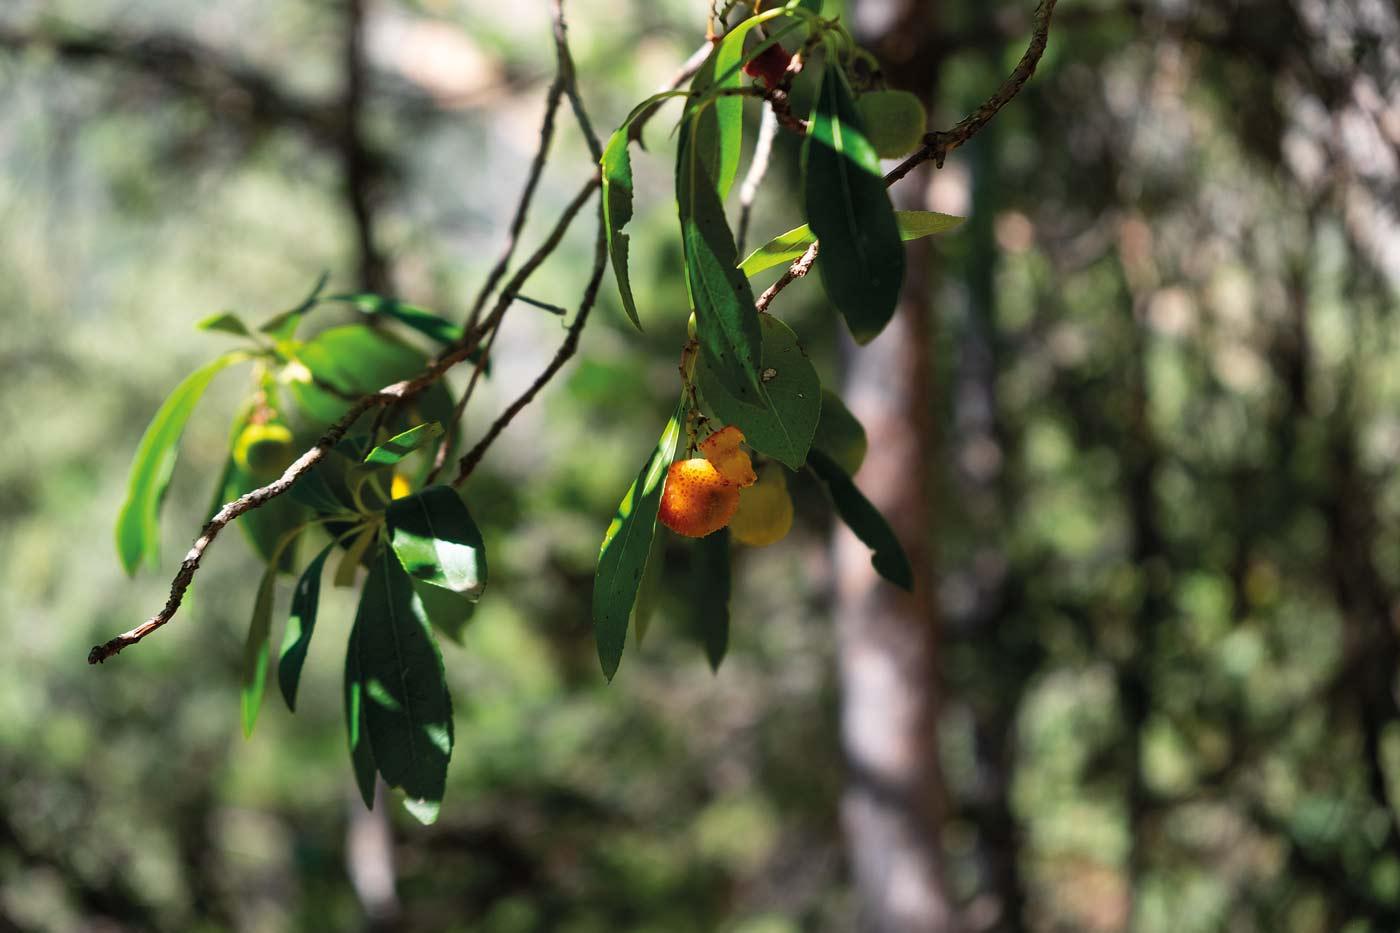 Beeren, Wald, Wanderlust, Natur, Schluchtenwanderung, Congost de Montrebei